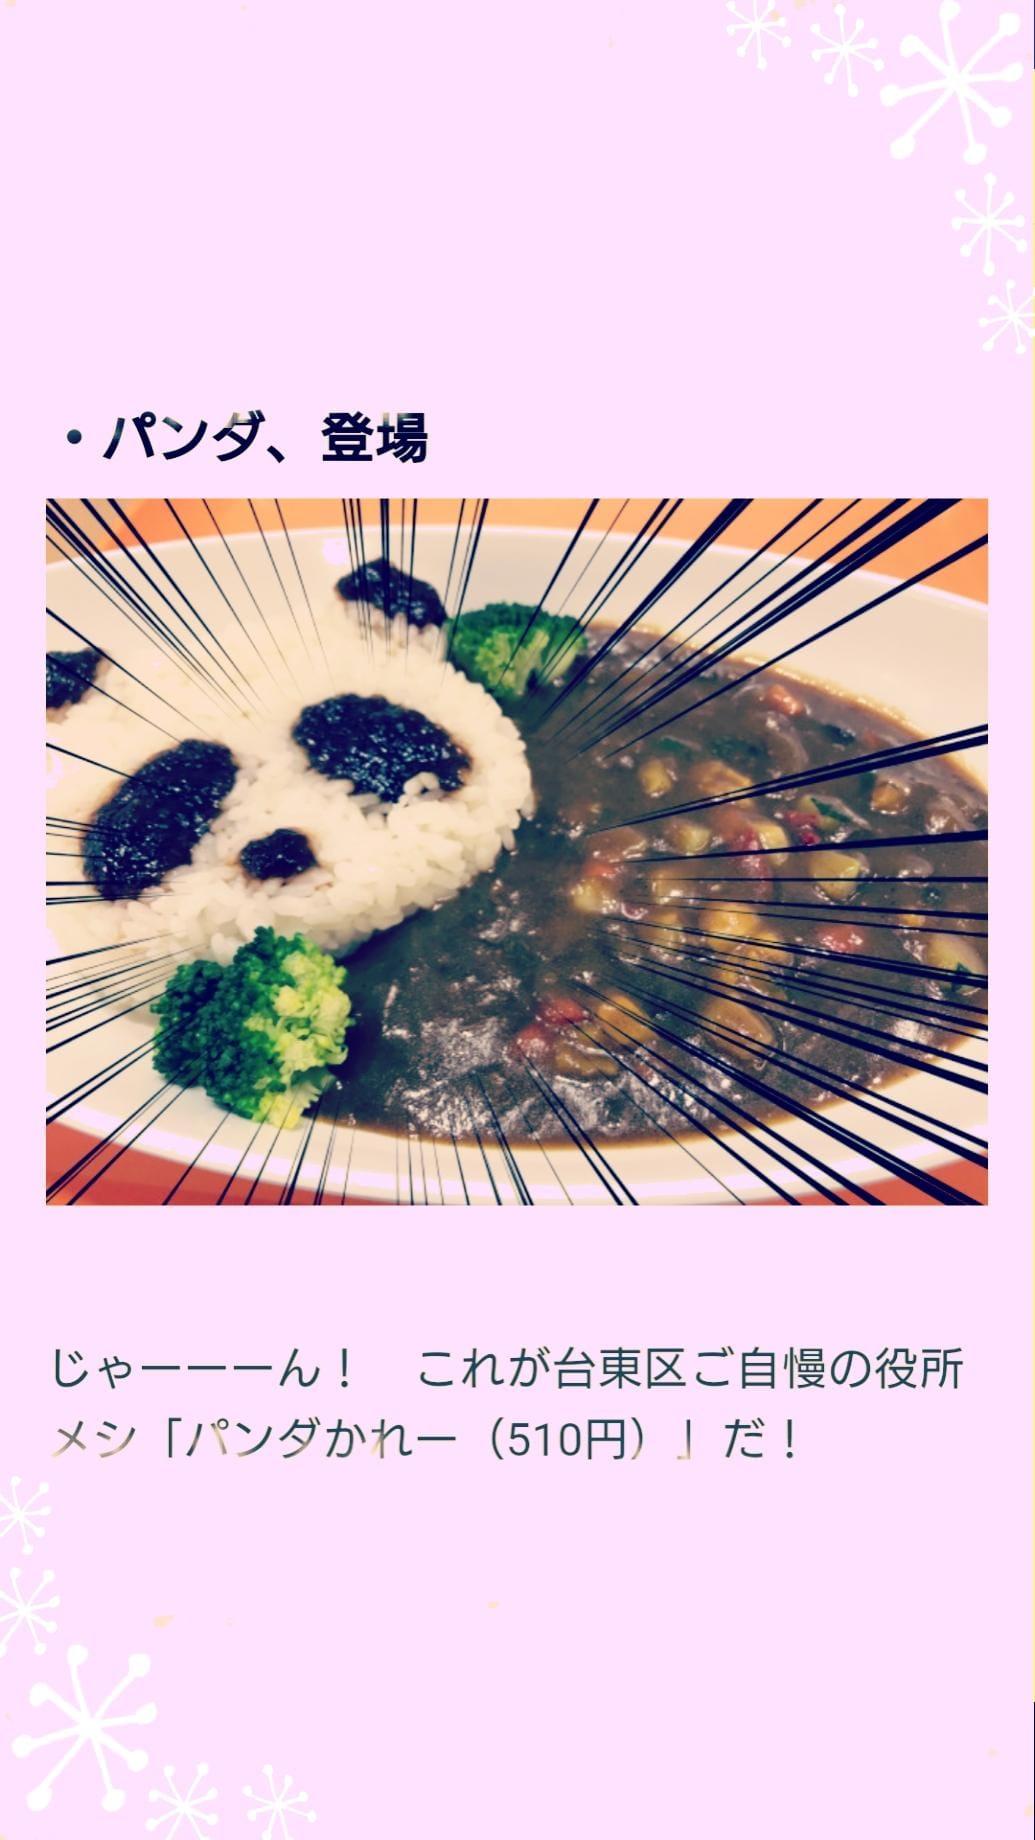 「到着( ・?・)? ??」08/21(水) 19:22 | すみれの写メ・風俗動画